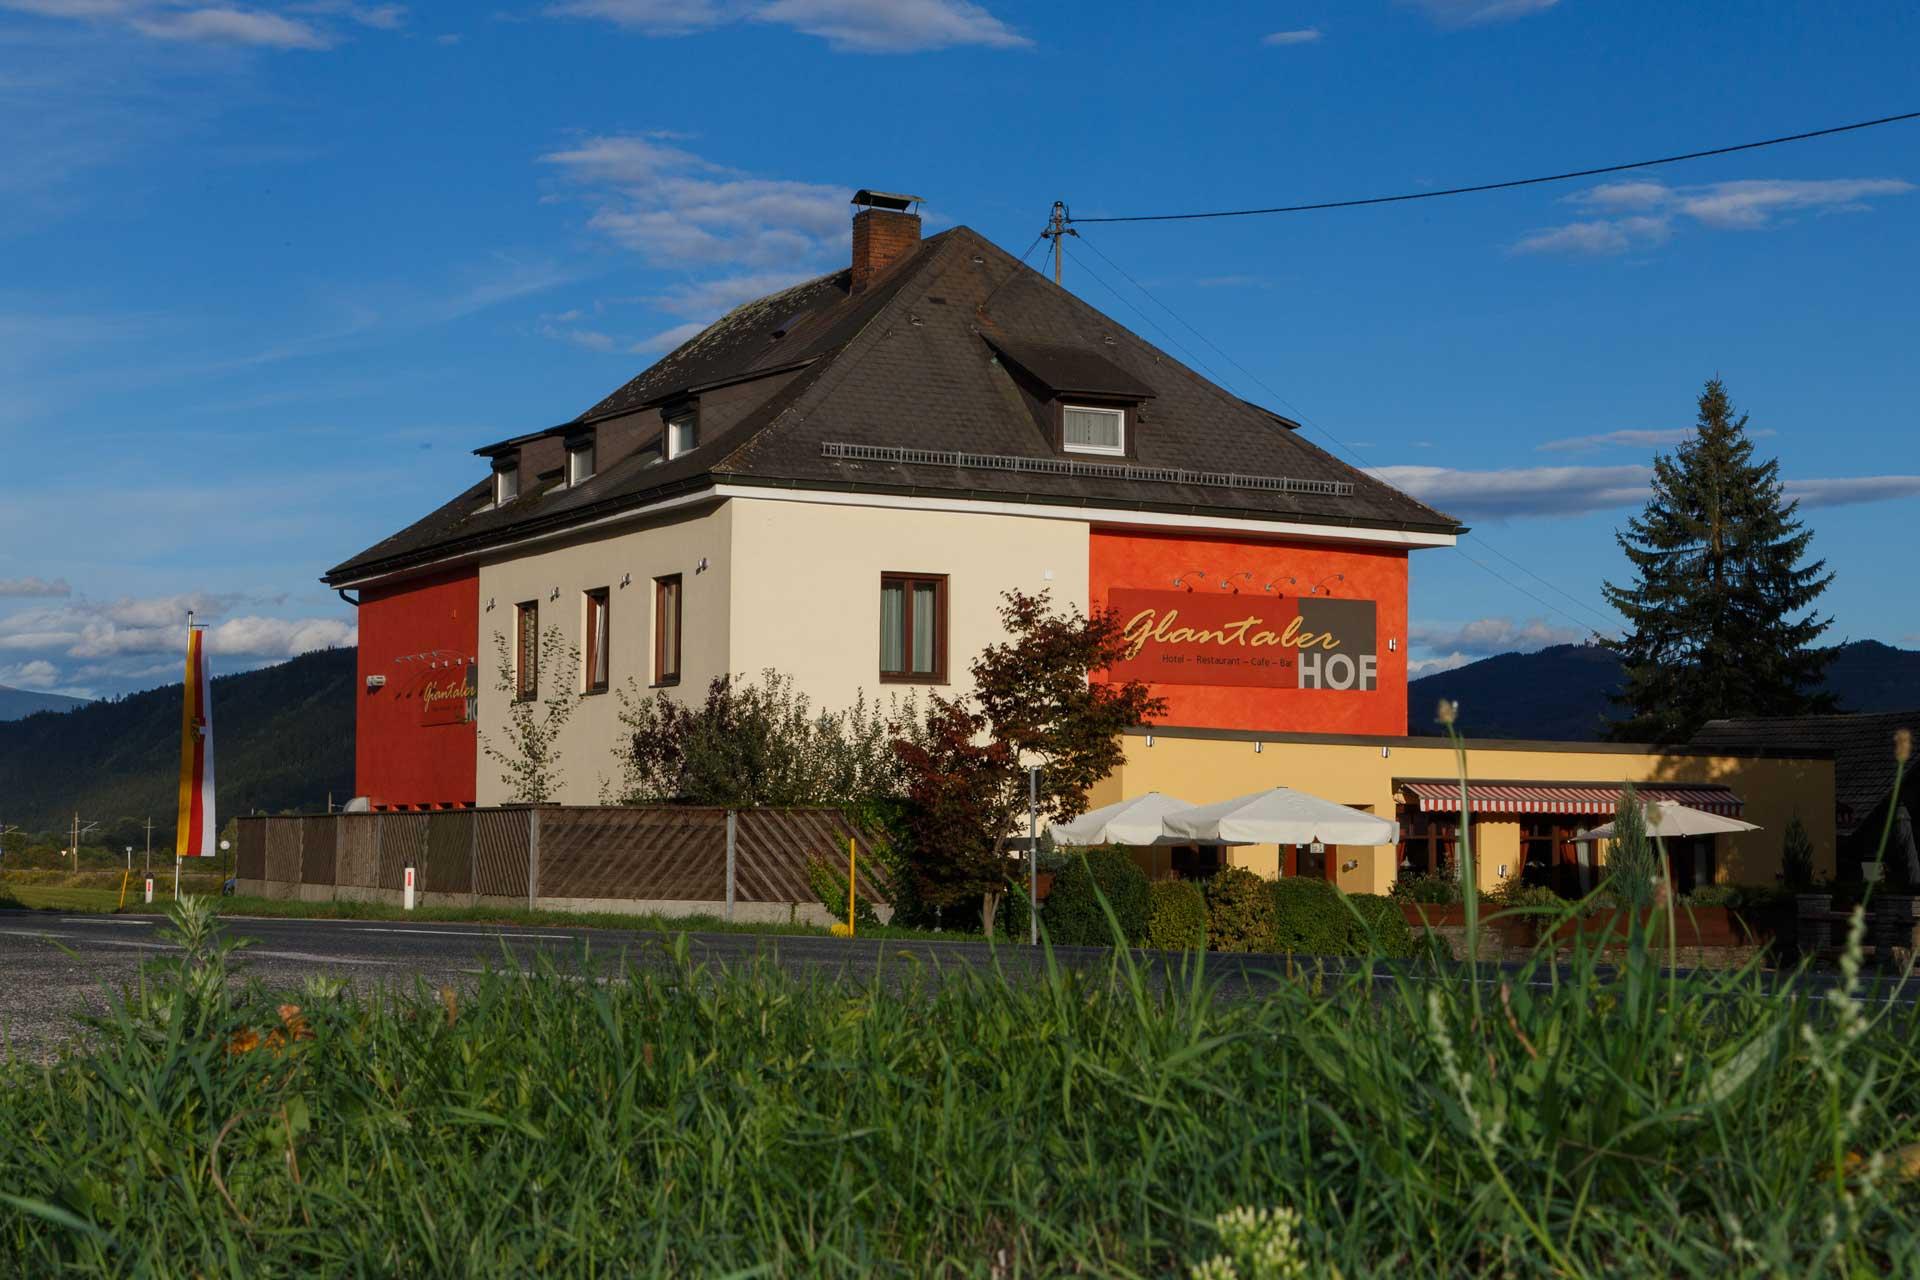 Glantalerhof